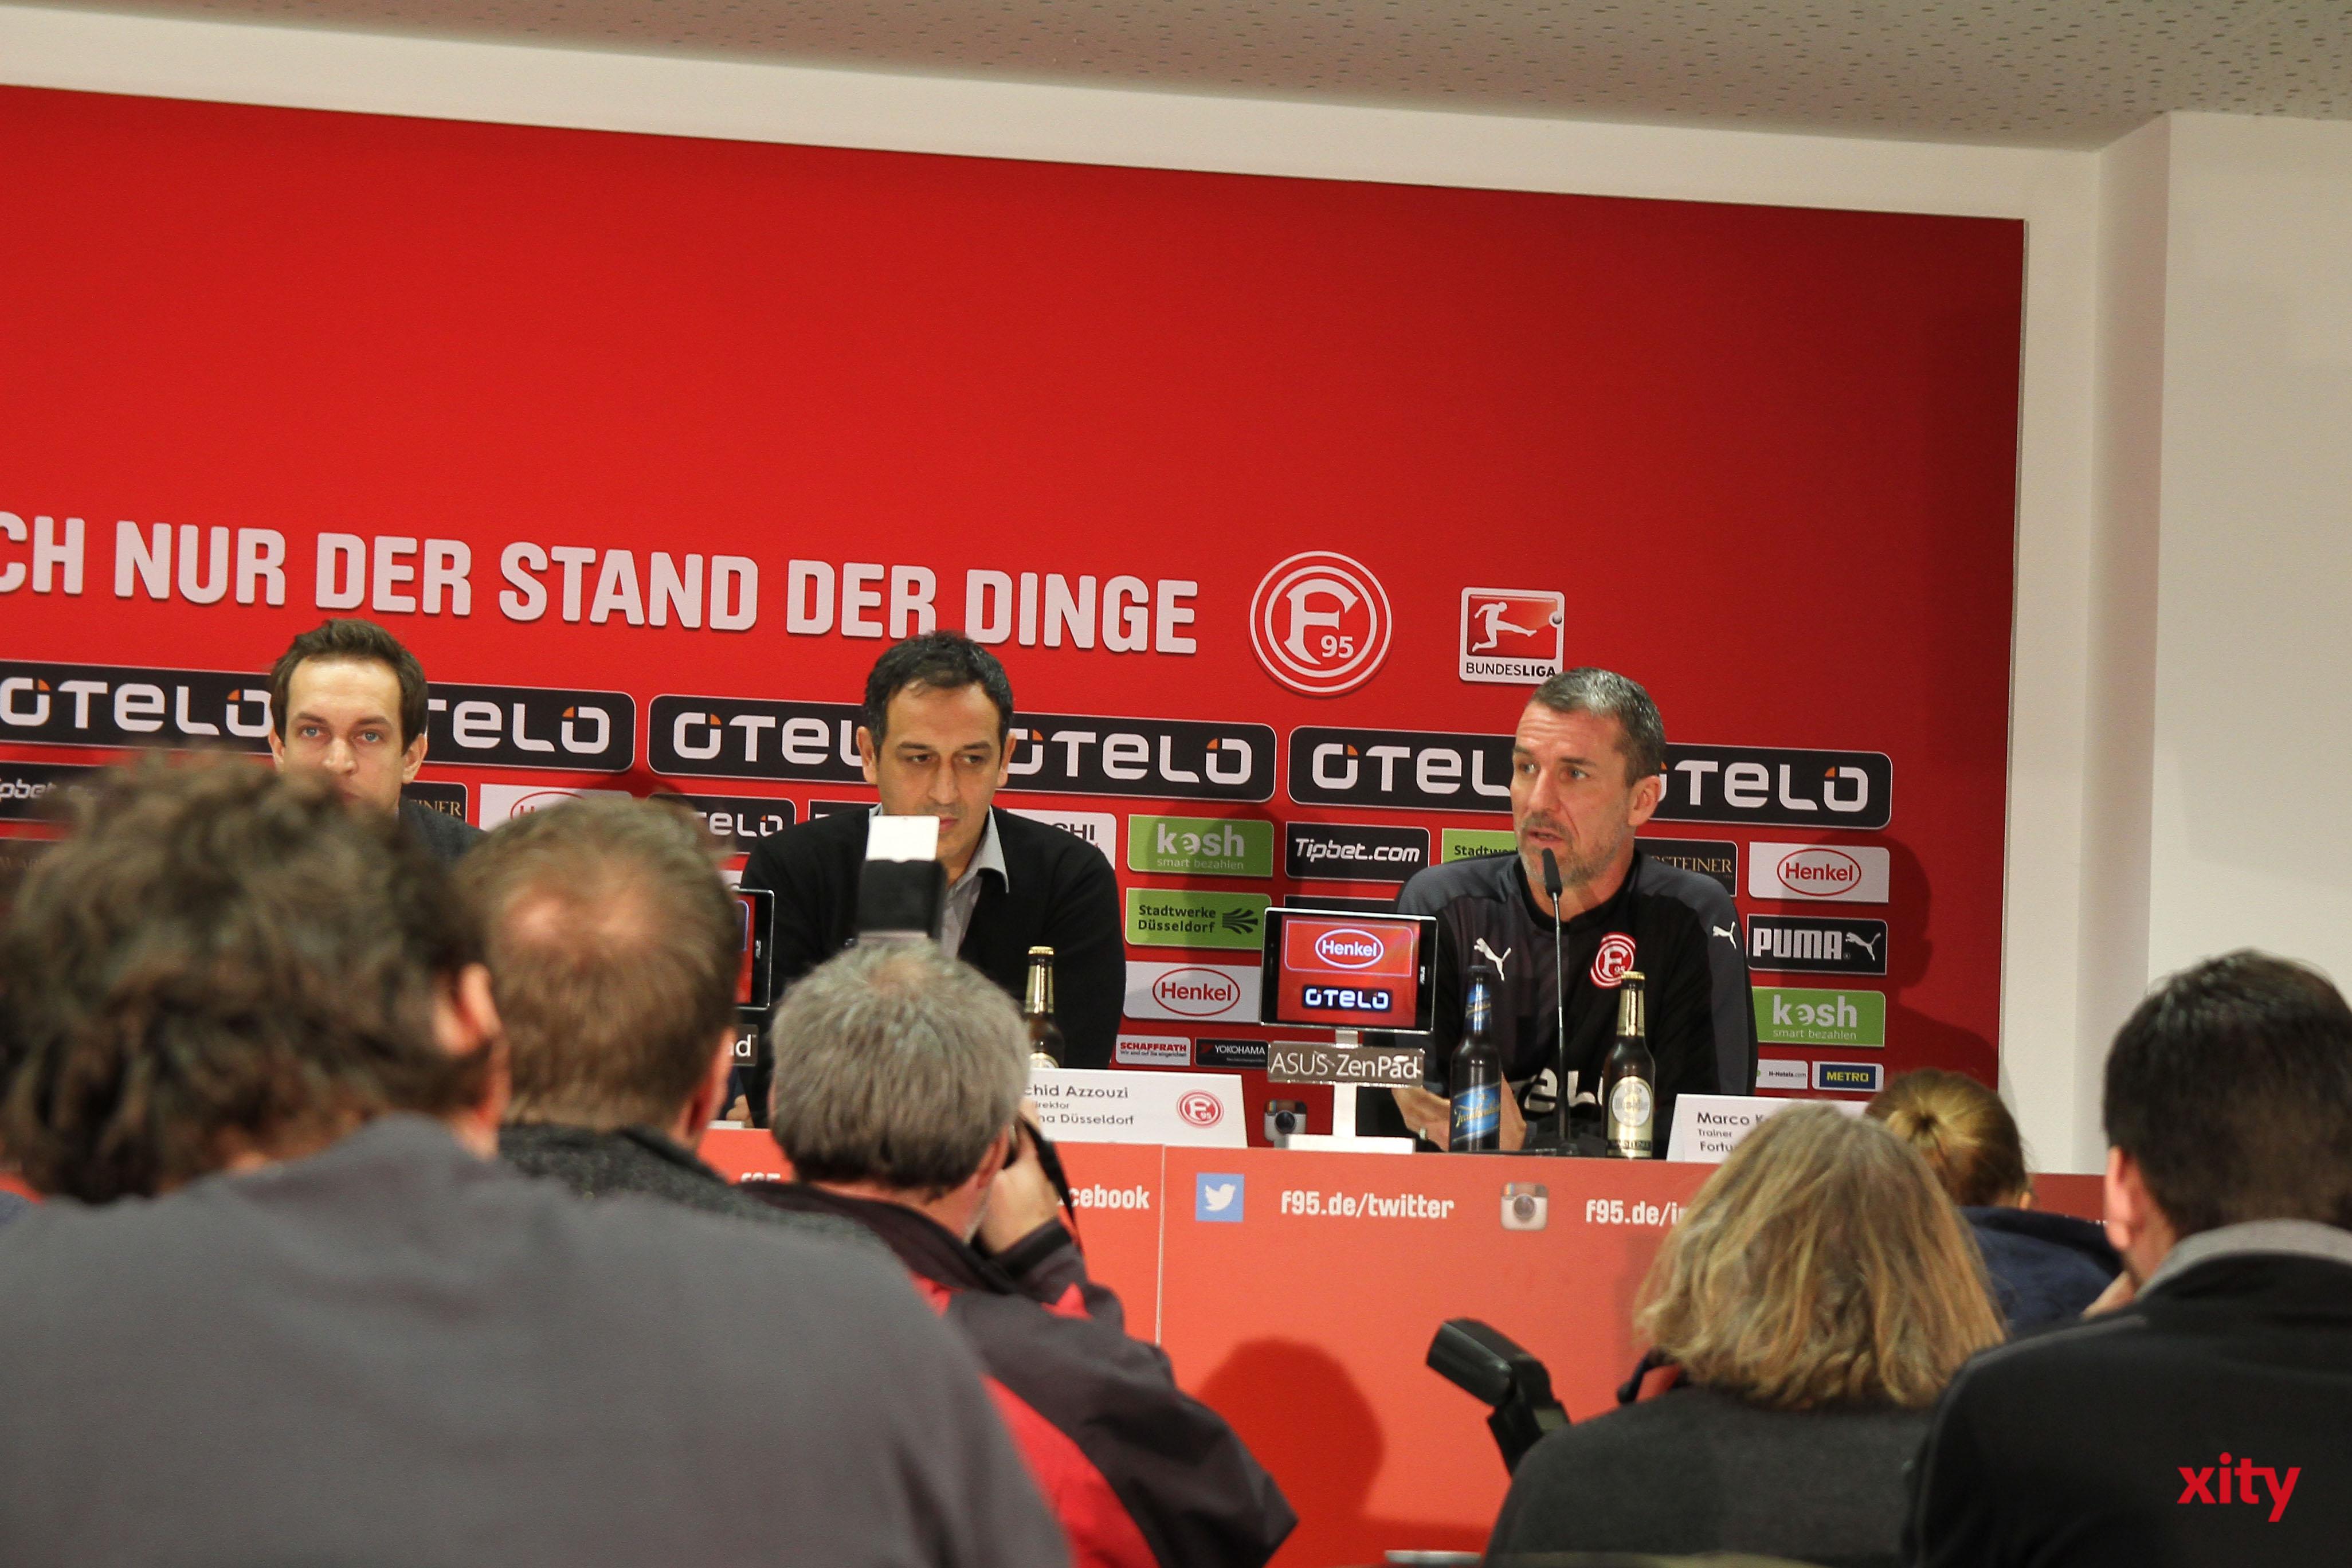 Seit dem 1. Januar 2016 ist Marco Kurz Trainer der Fortuna Düsseldorf  (Foto: xity)